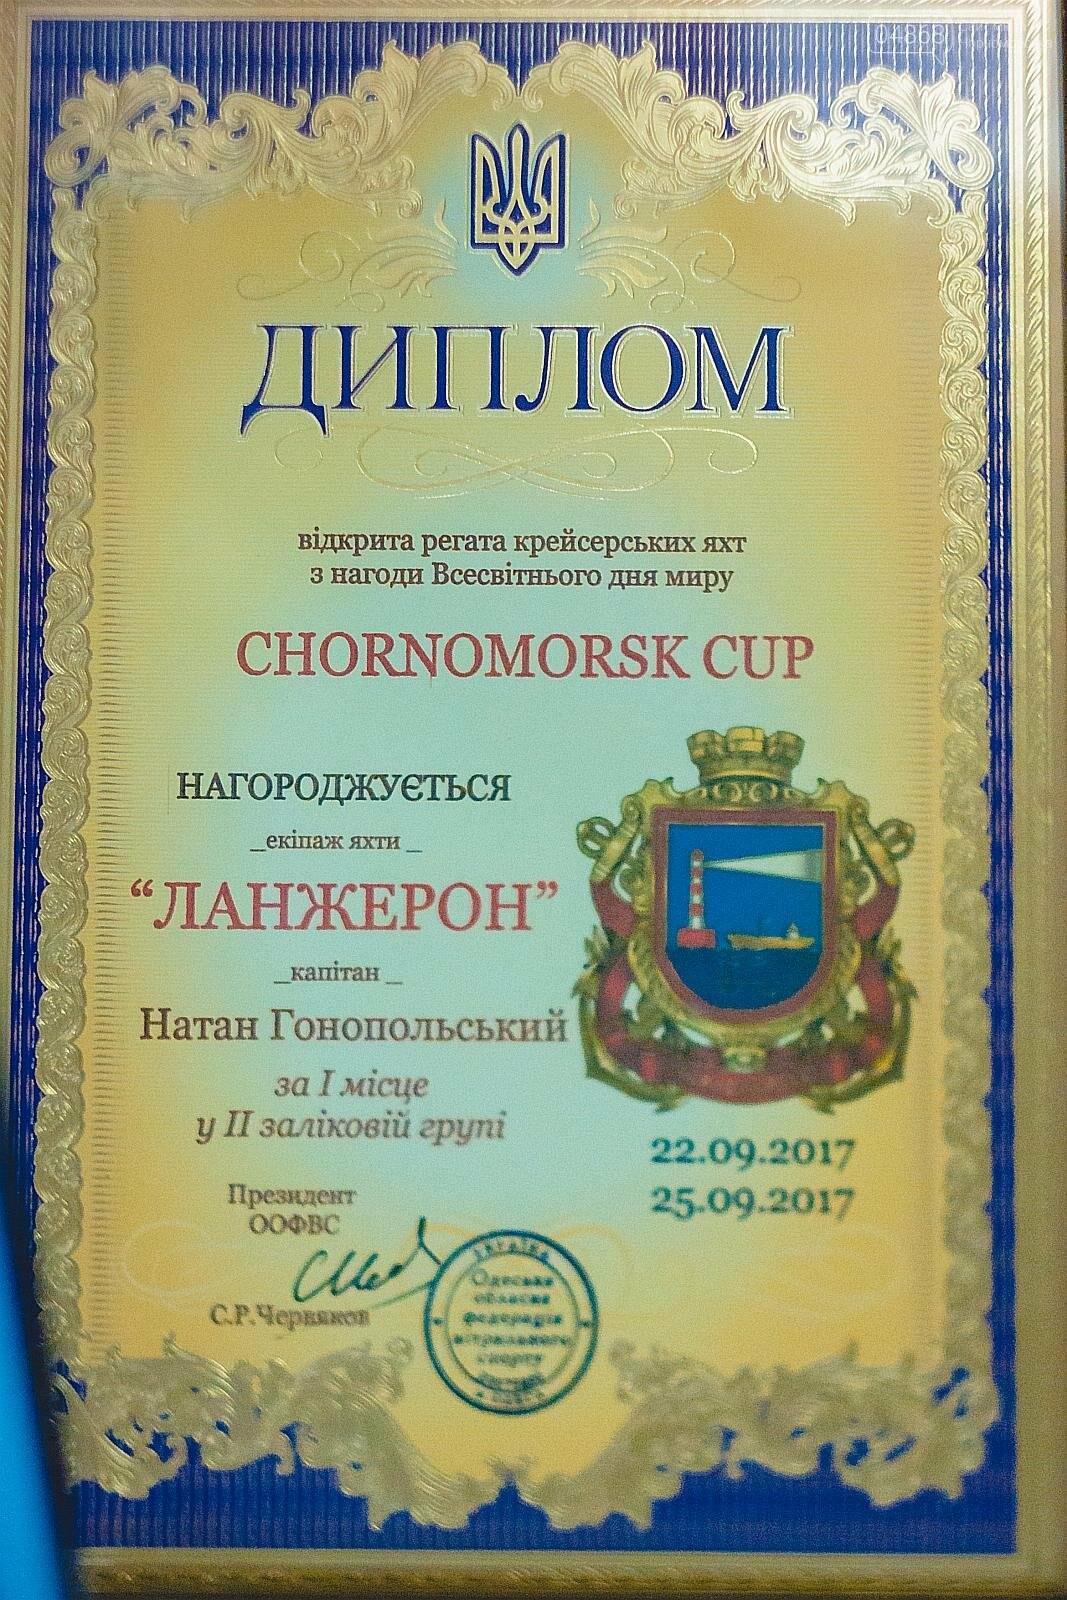 Во Дворце культуры состоялось торжественное награждение победителей первой парусной регаты «Кубок Черноморска» (+ФОТООТЧЁТ), фото-28